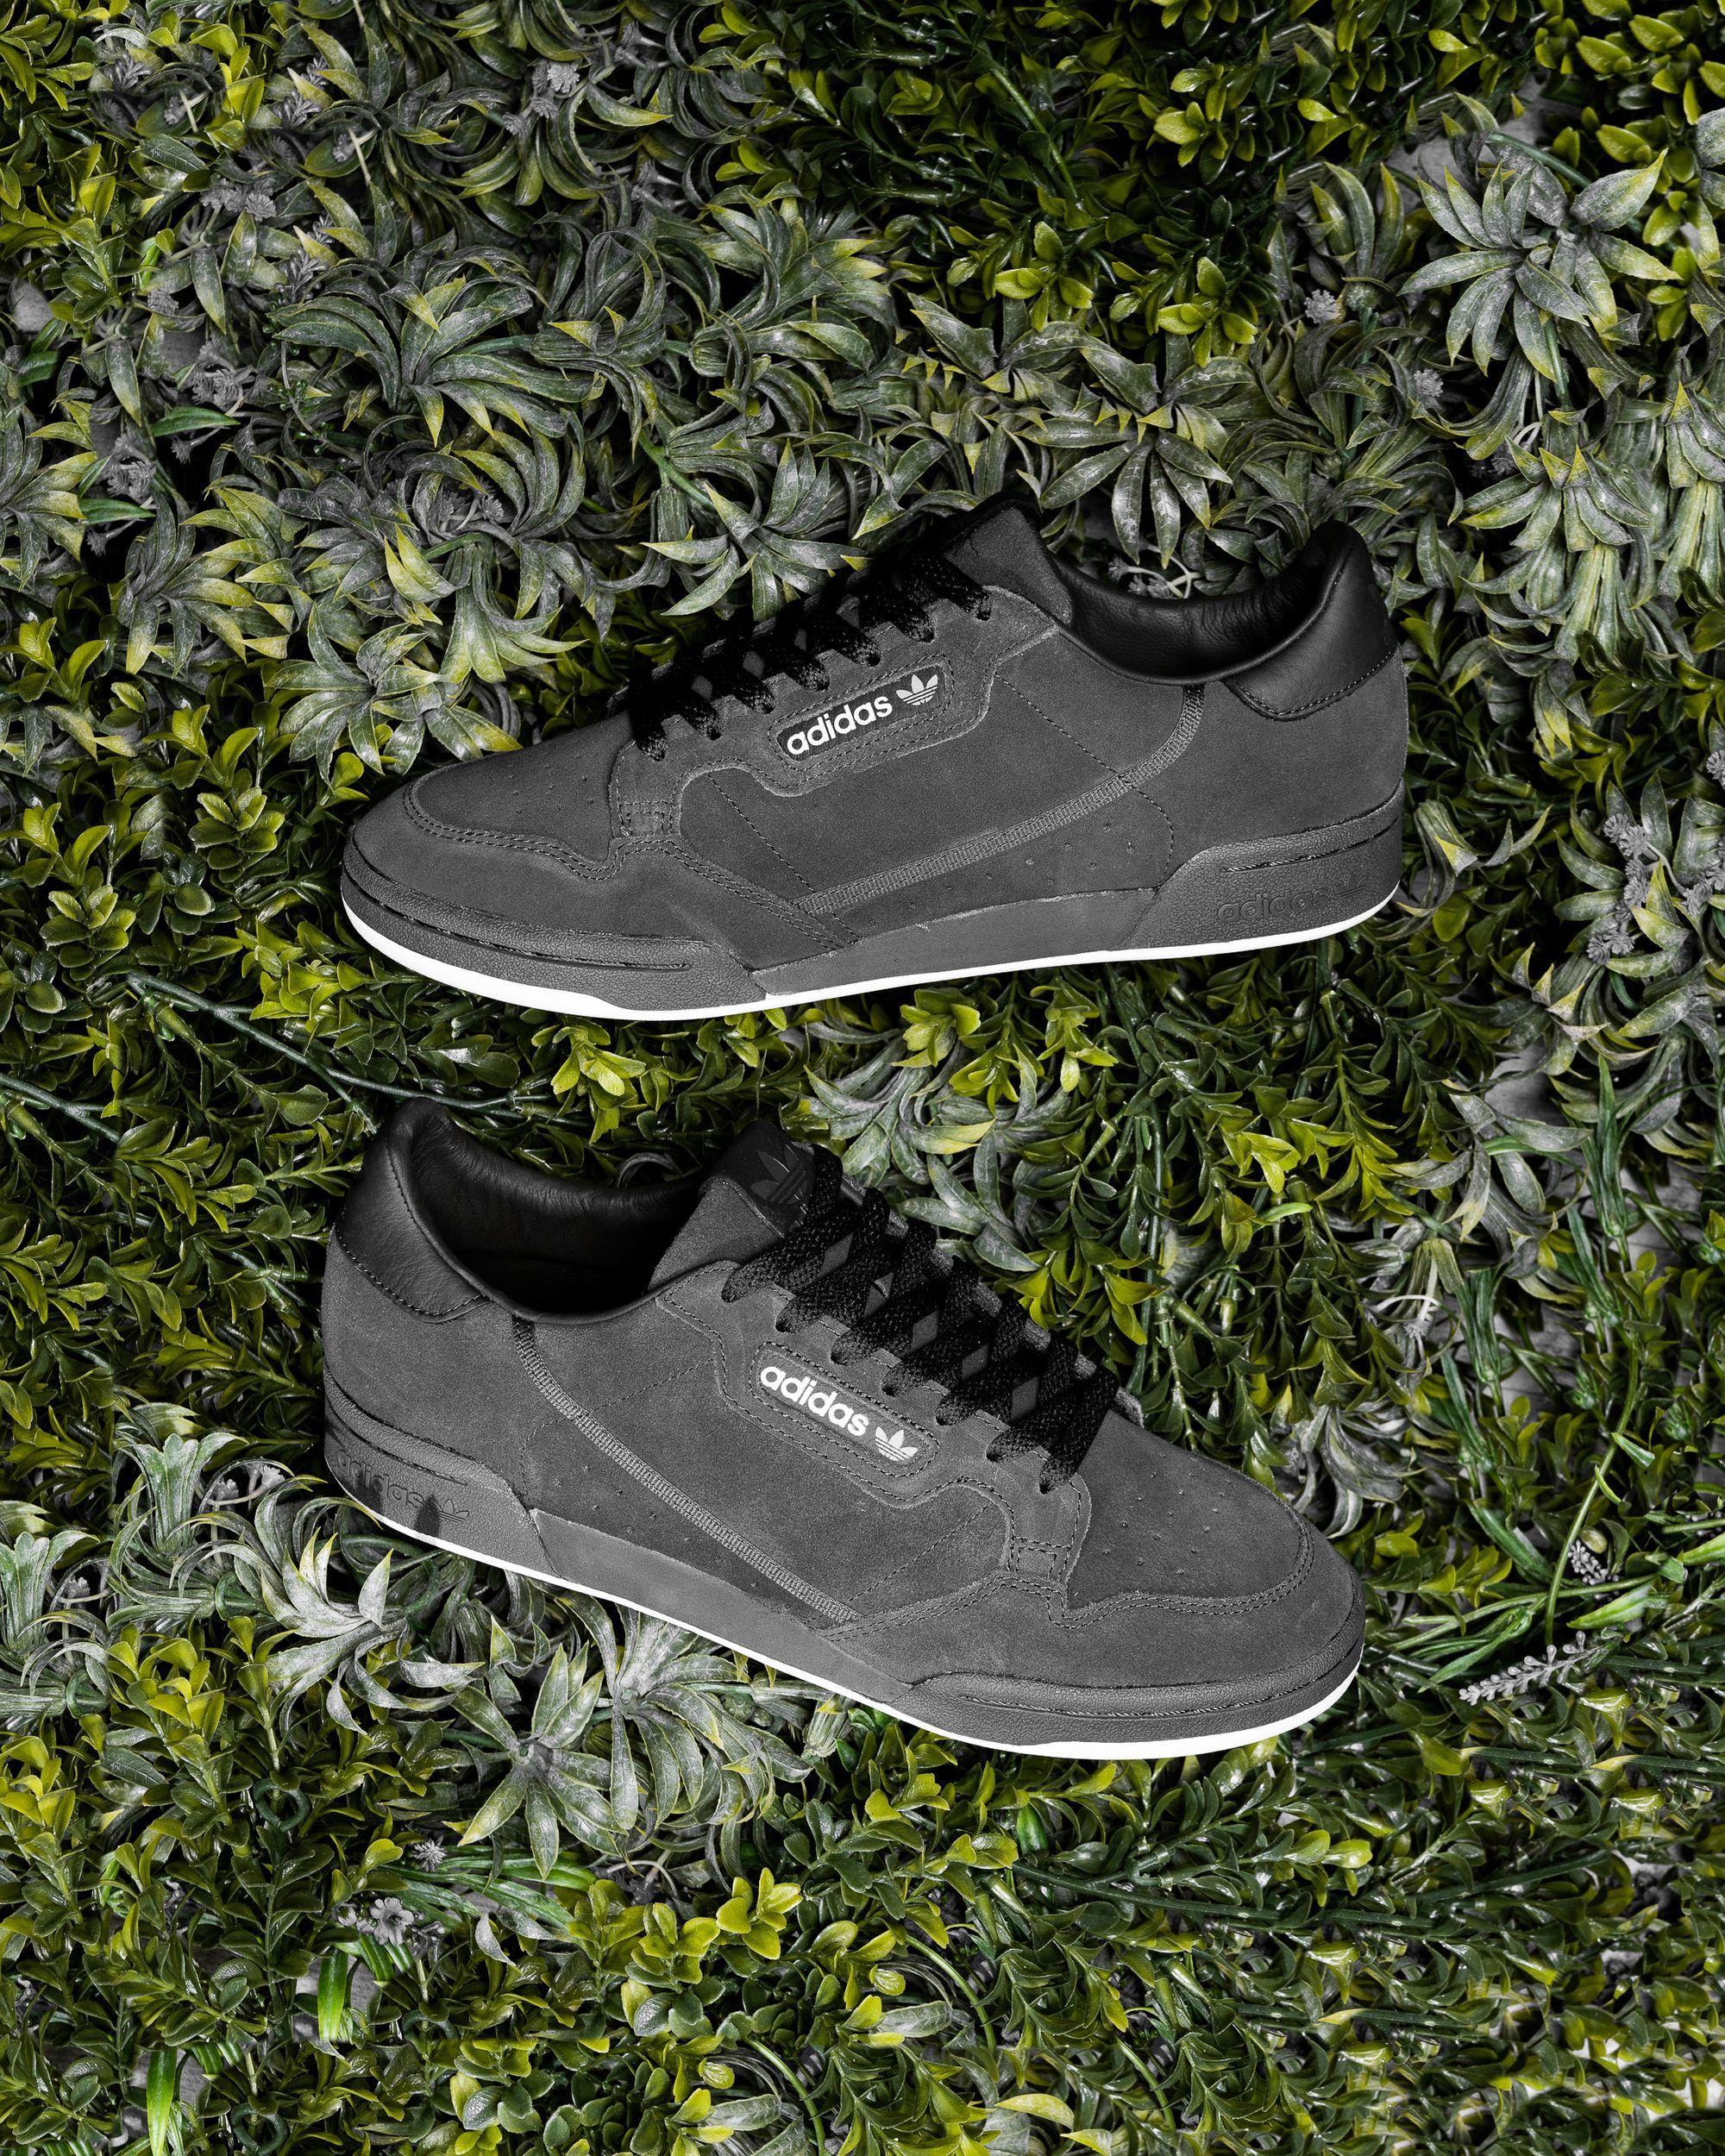 zapatillas adidas tierra